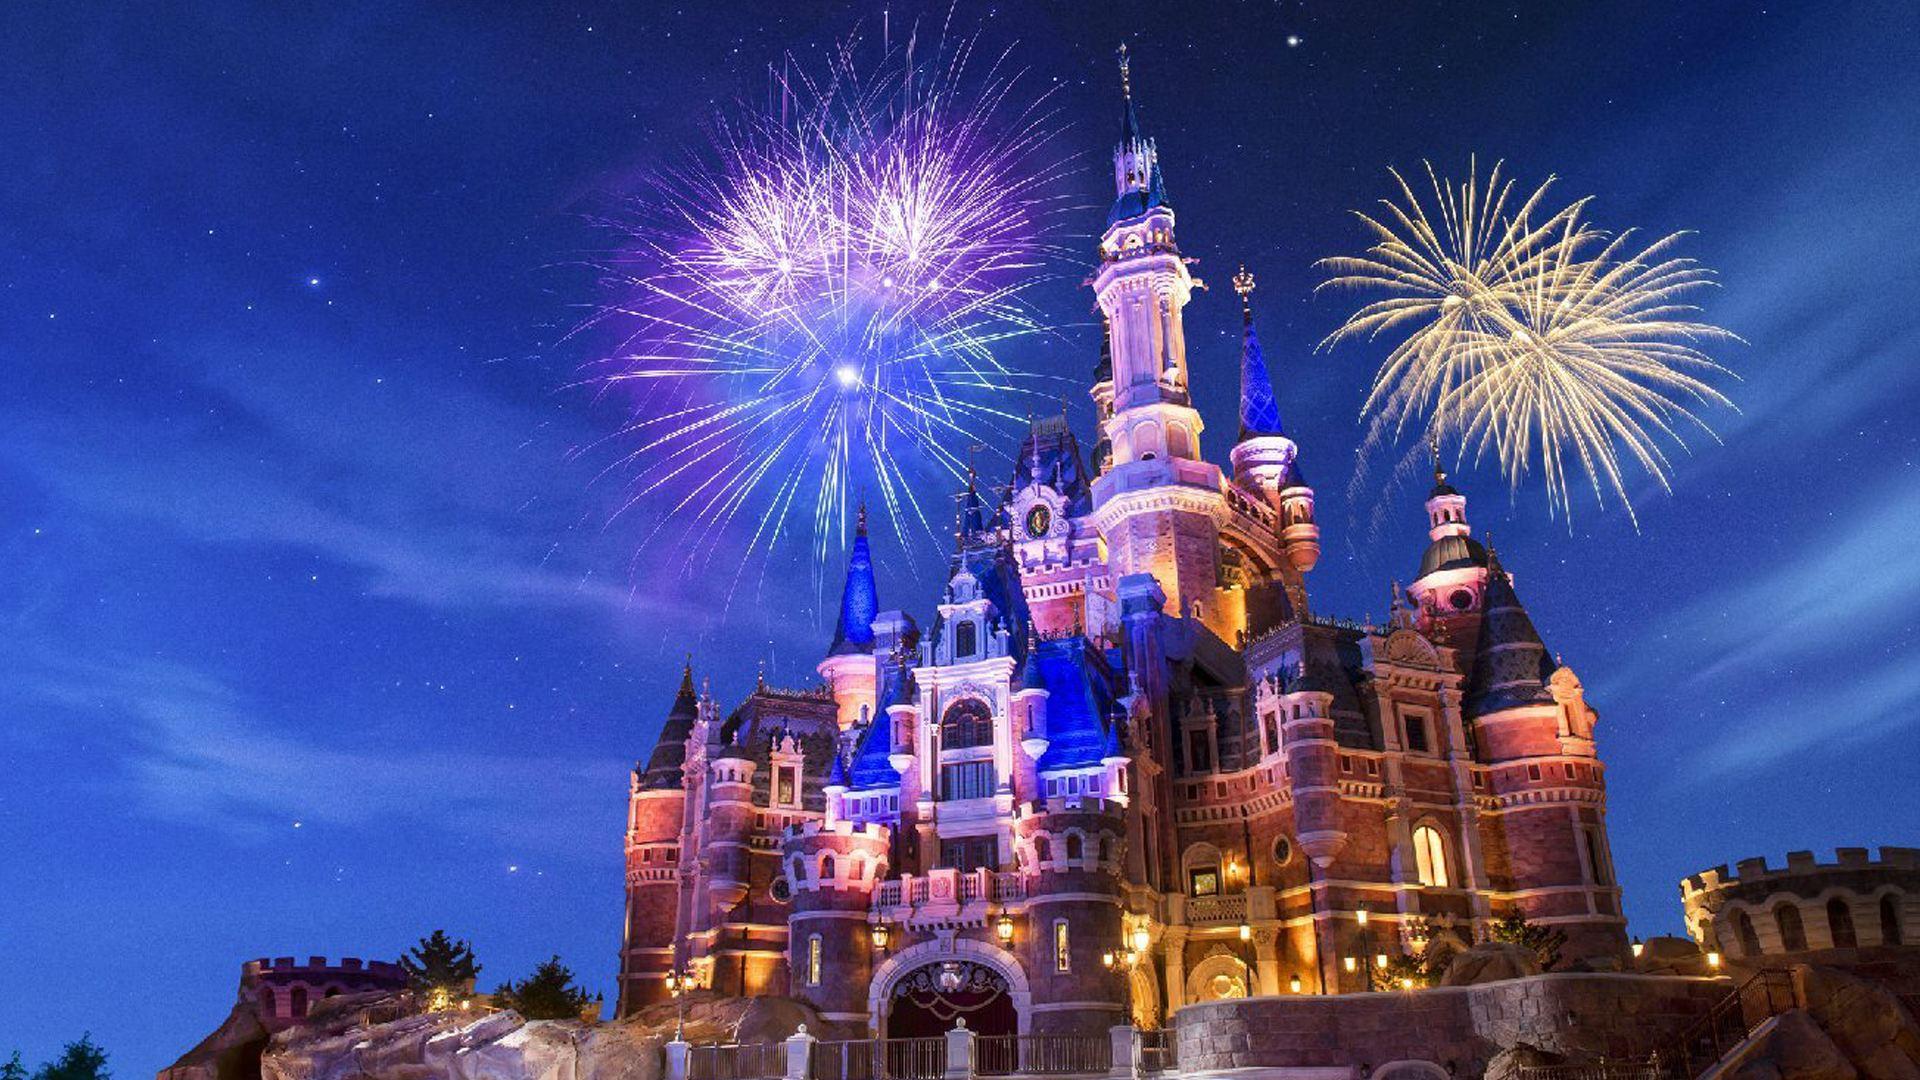 上海迪士尼度假区一日游【包含入园门票+导览服务】